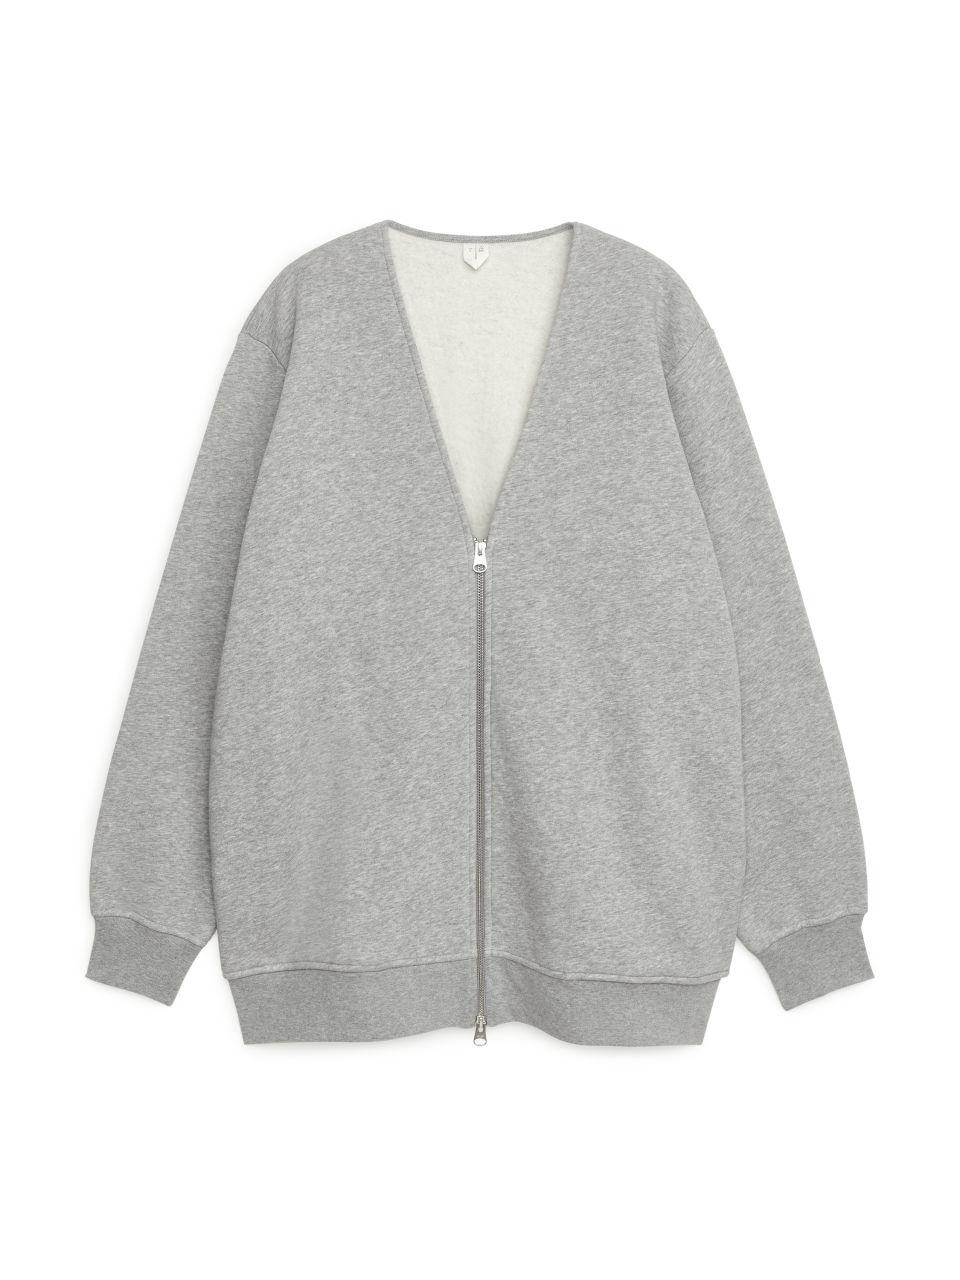 Sweatshirt Zip Cardigan - Grey